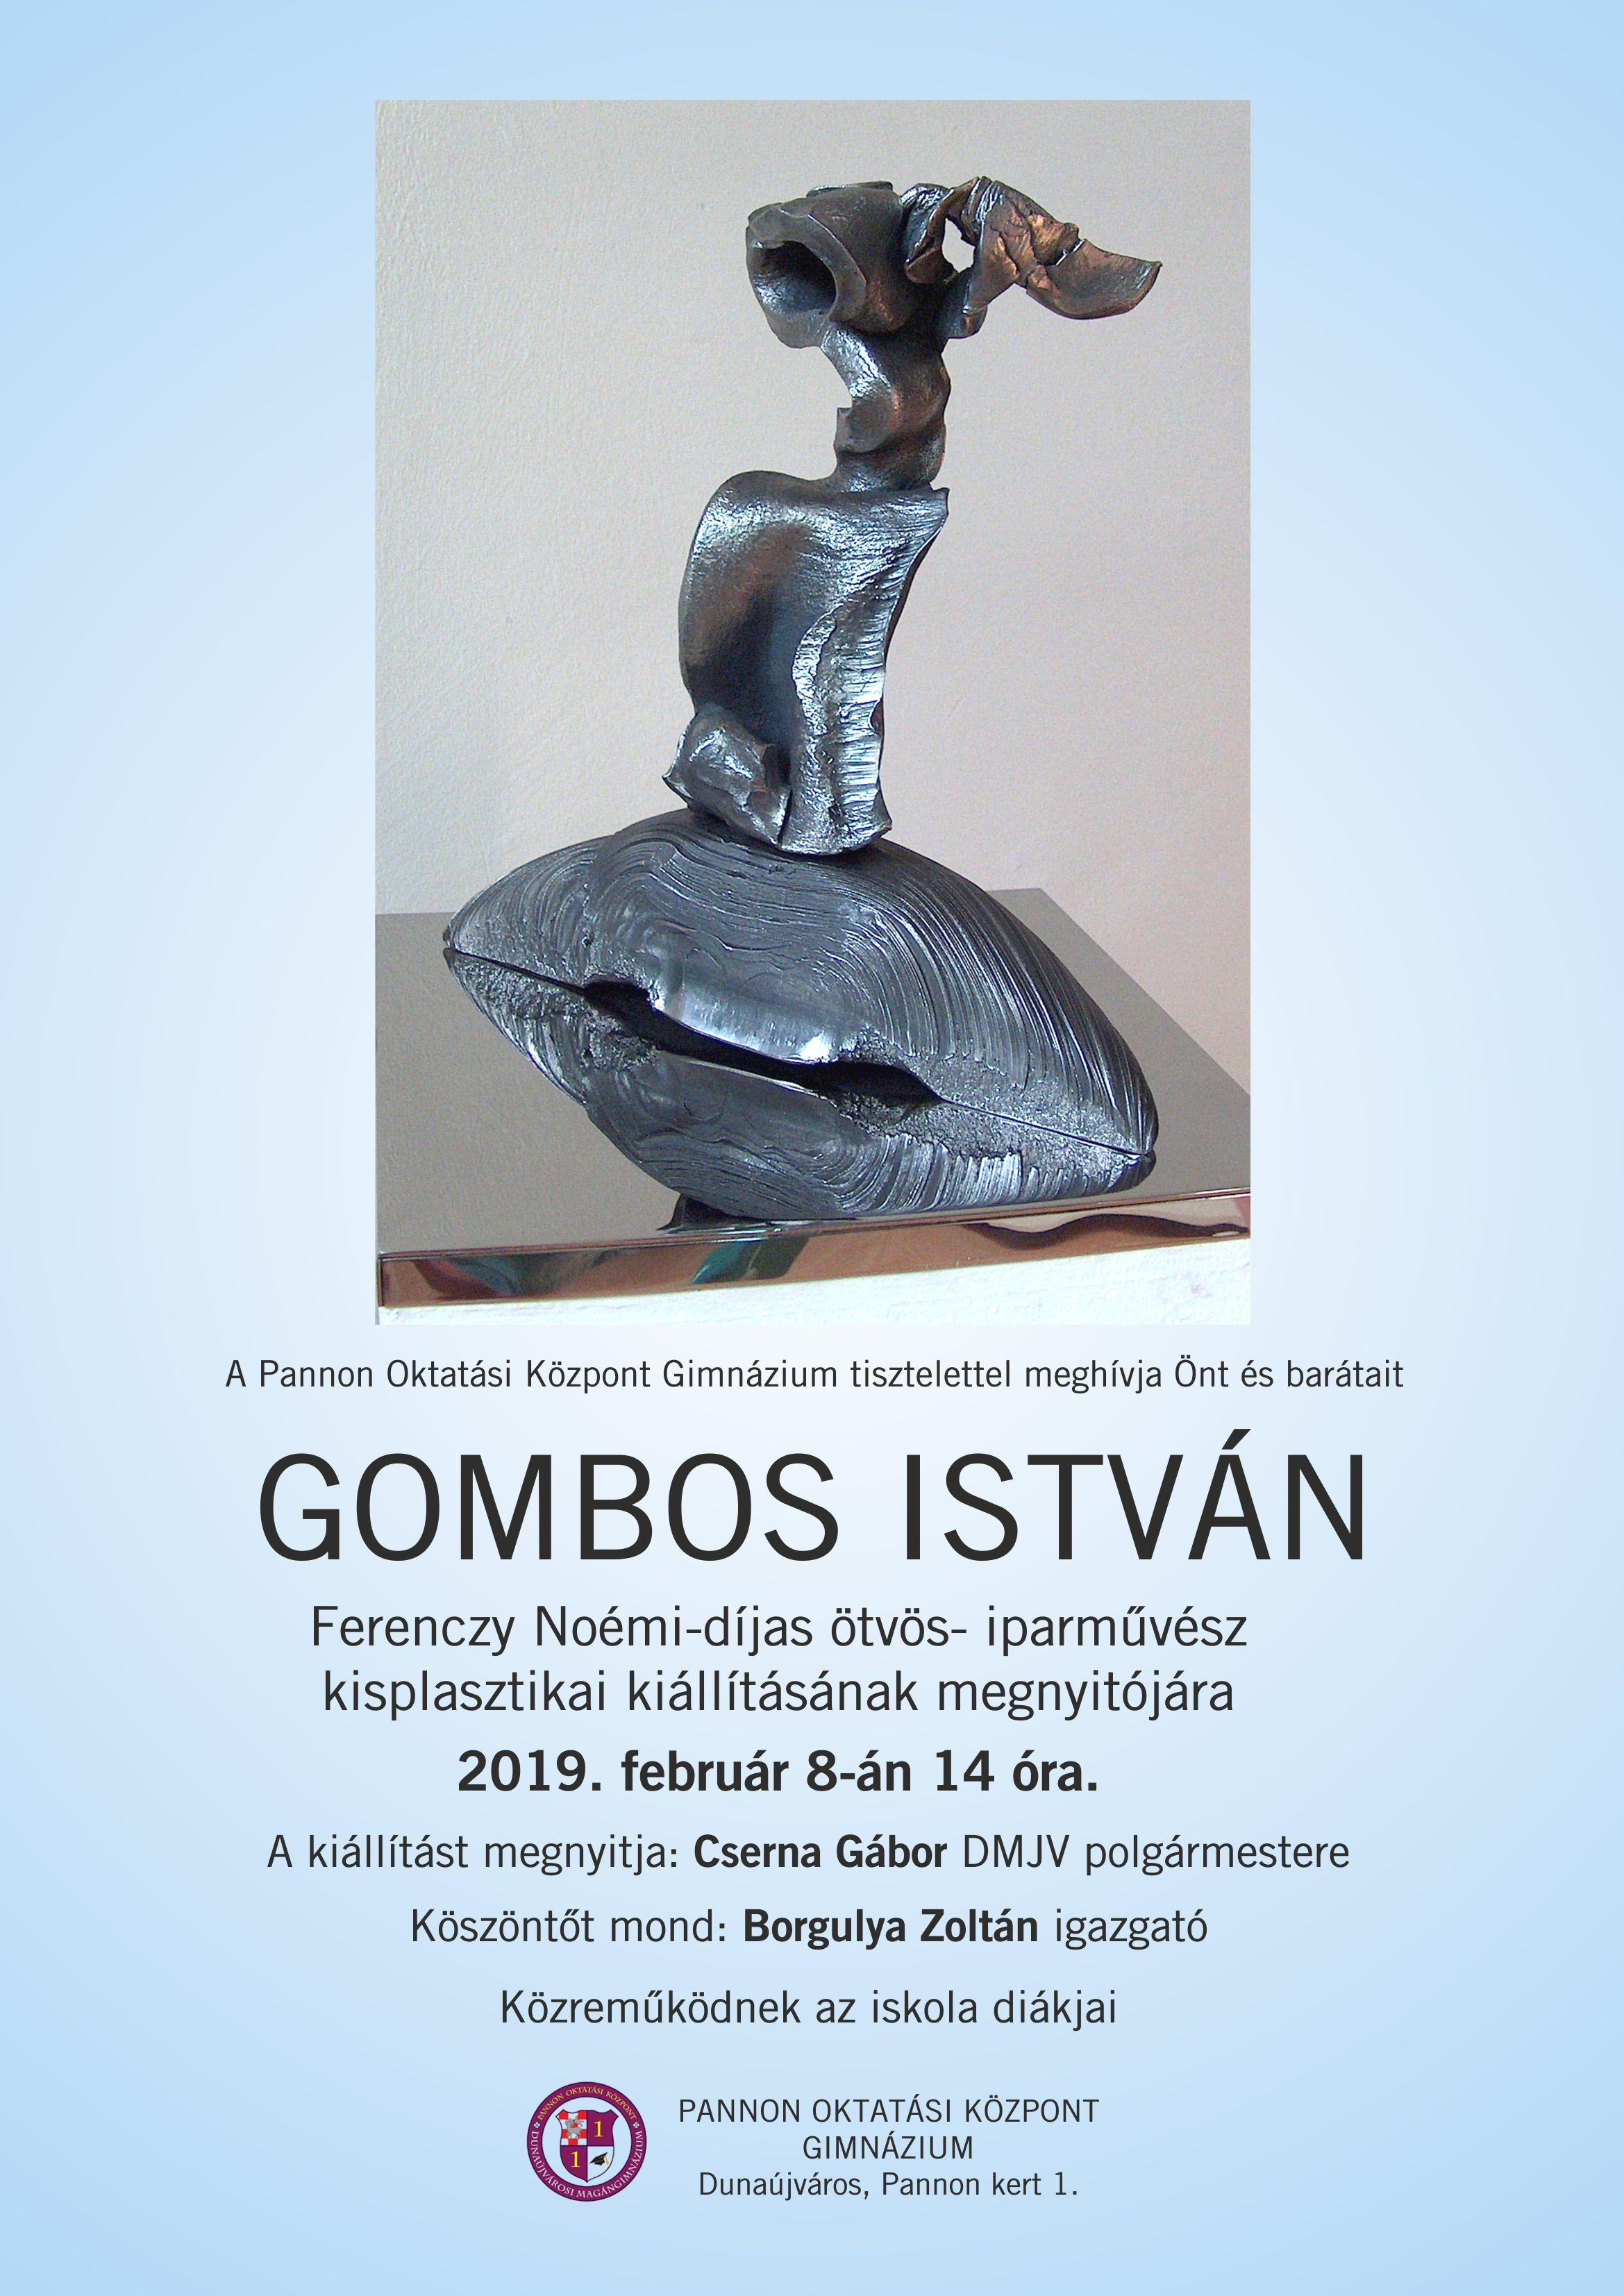 Gombos István kisplasztikai kiállítása